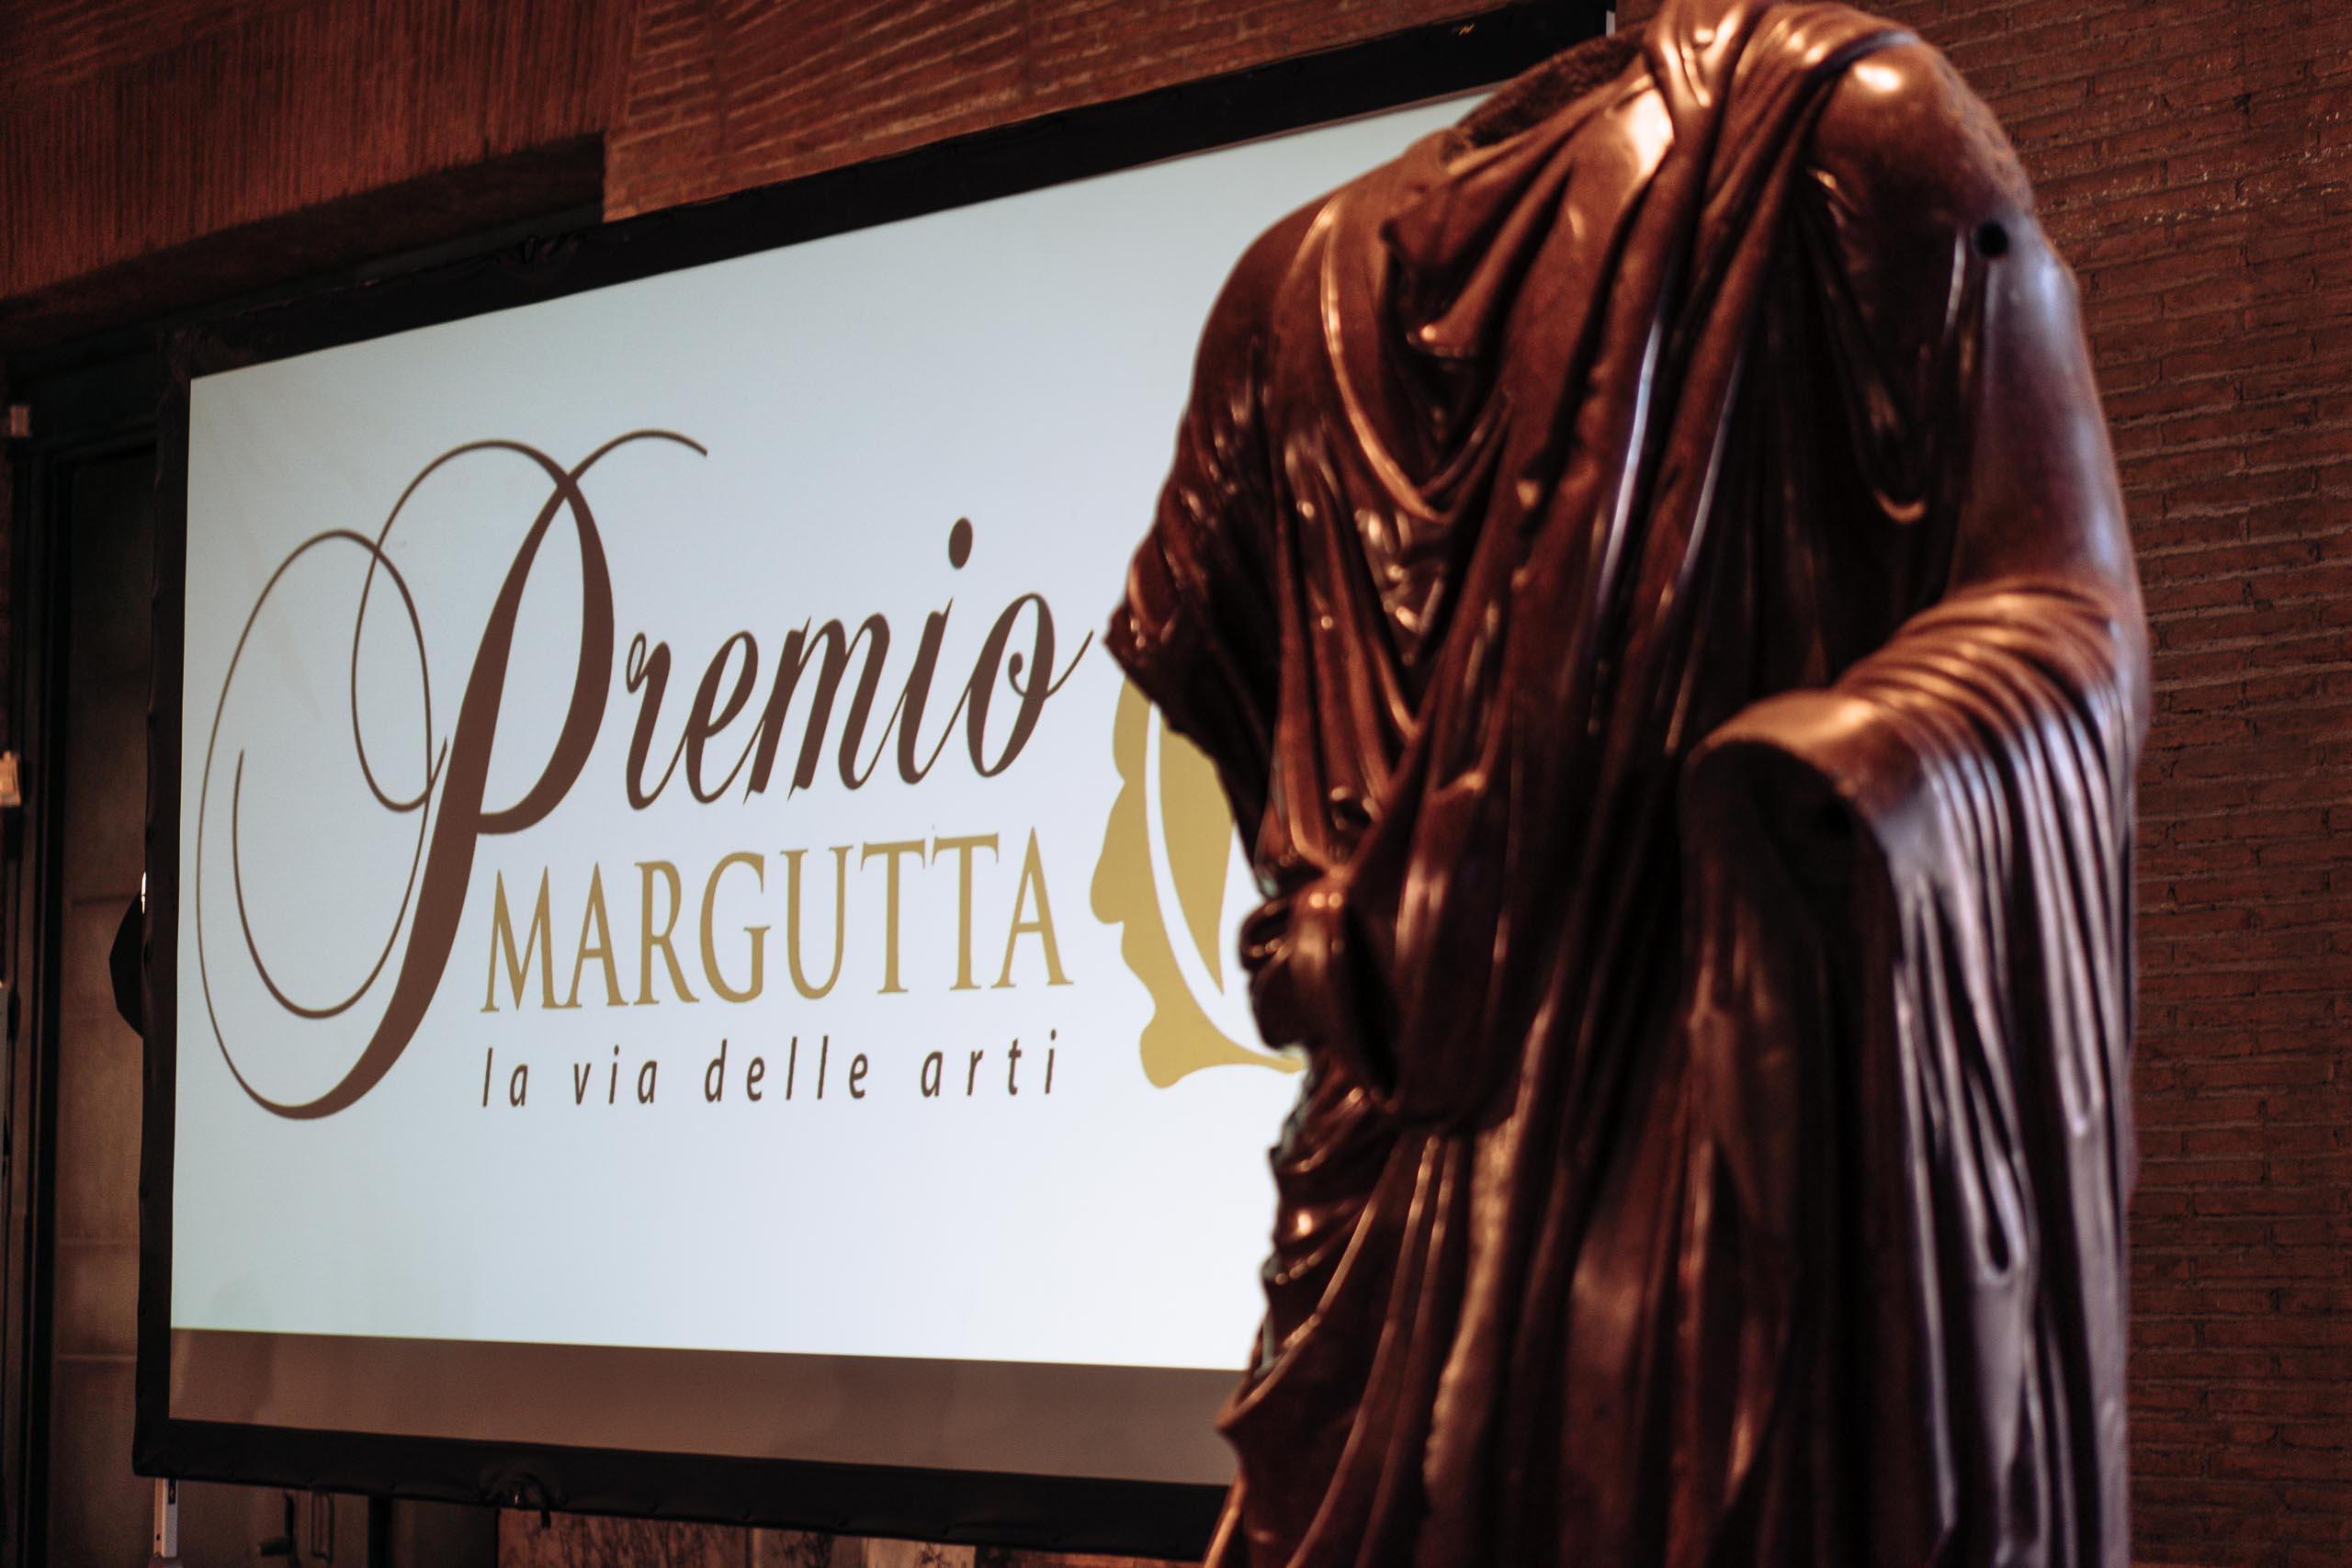 0 Premio Margutta - La Via delle Arti